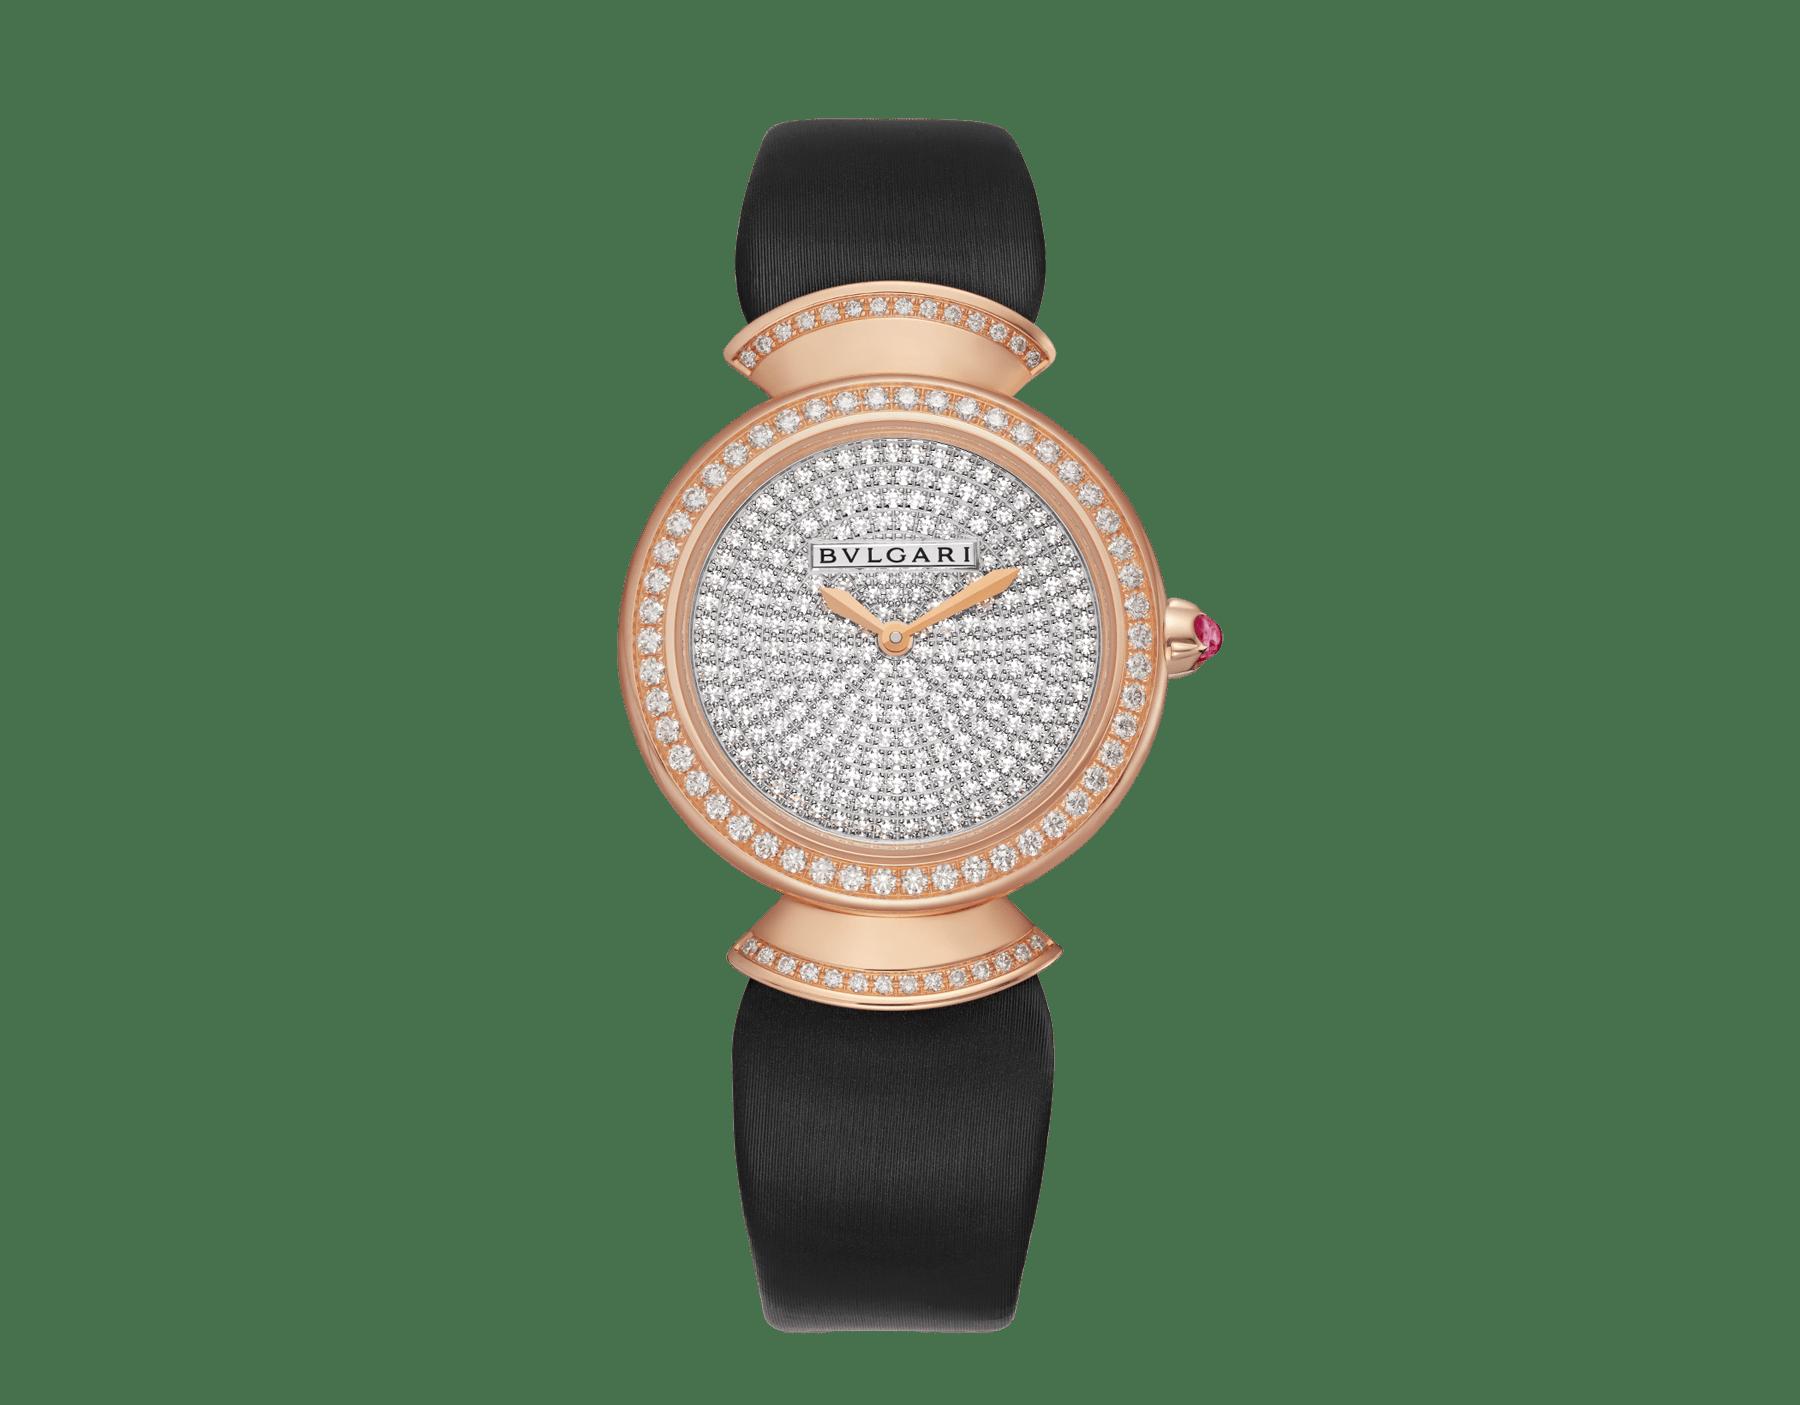 Montre DIVAS' DREAM avec boîtier en or rose 18K serti de diamants taille brillant, cadran pavé diamants et bracelet en satin noir 102432 image 1